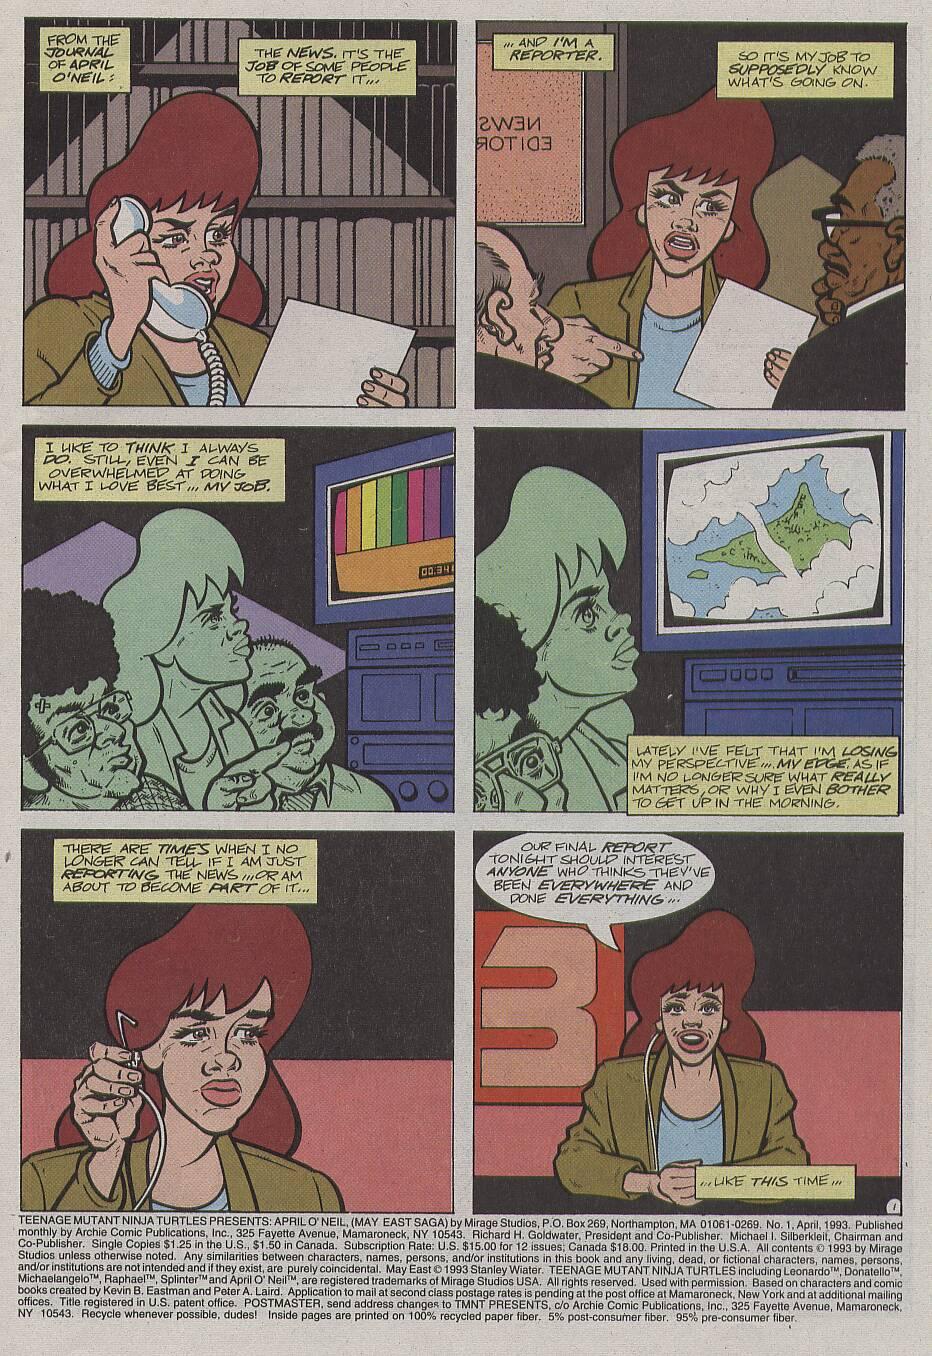 April O'neel Teenage Mutants Porn comic teenage mutant ninja turtles presents: april o'neil